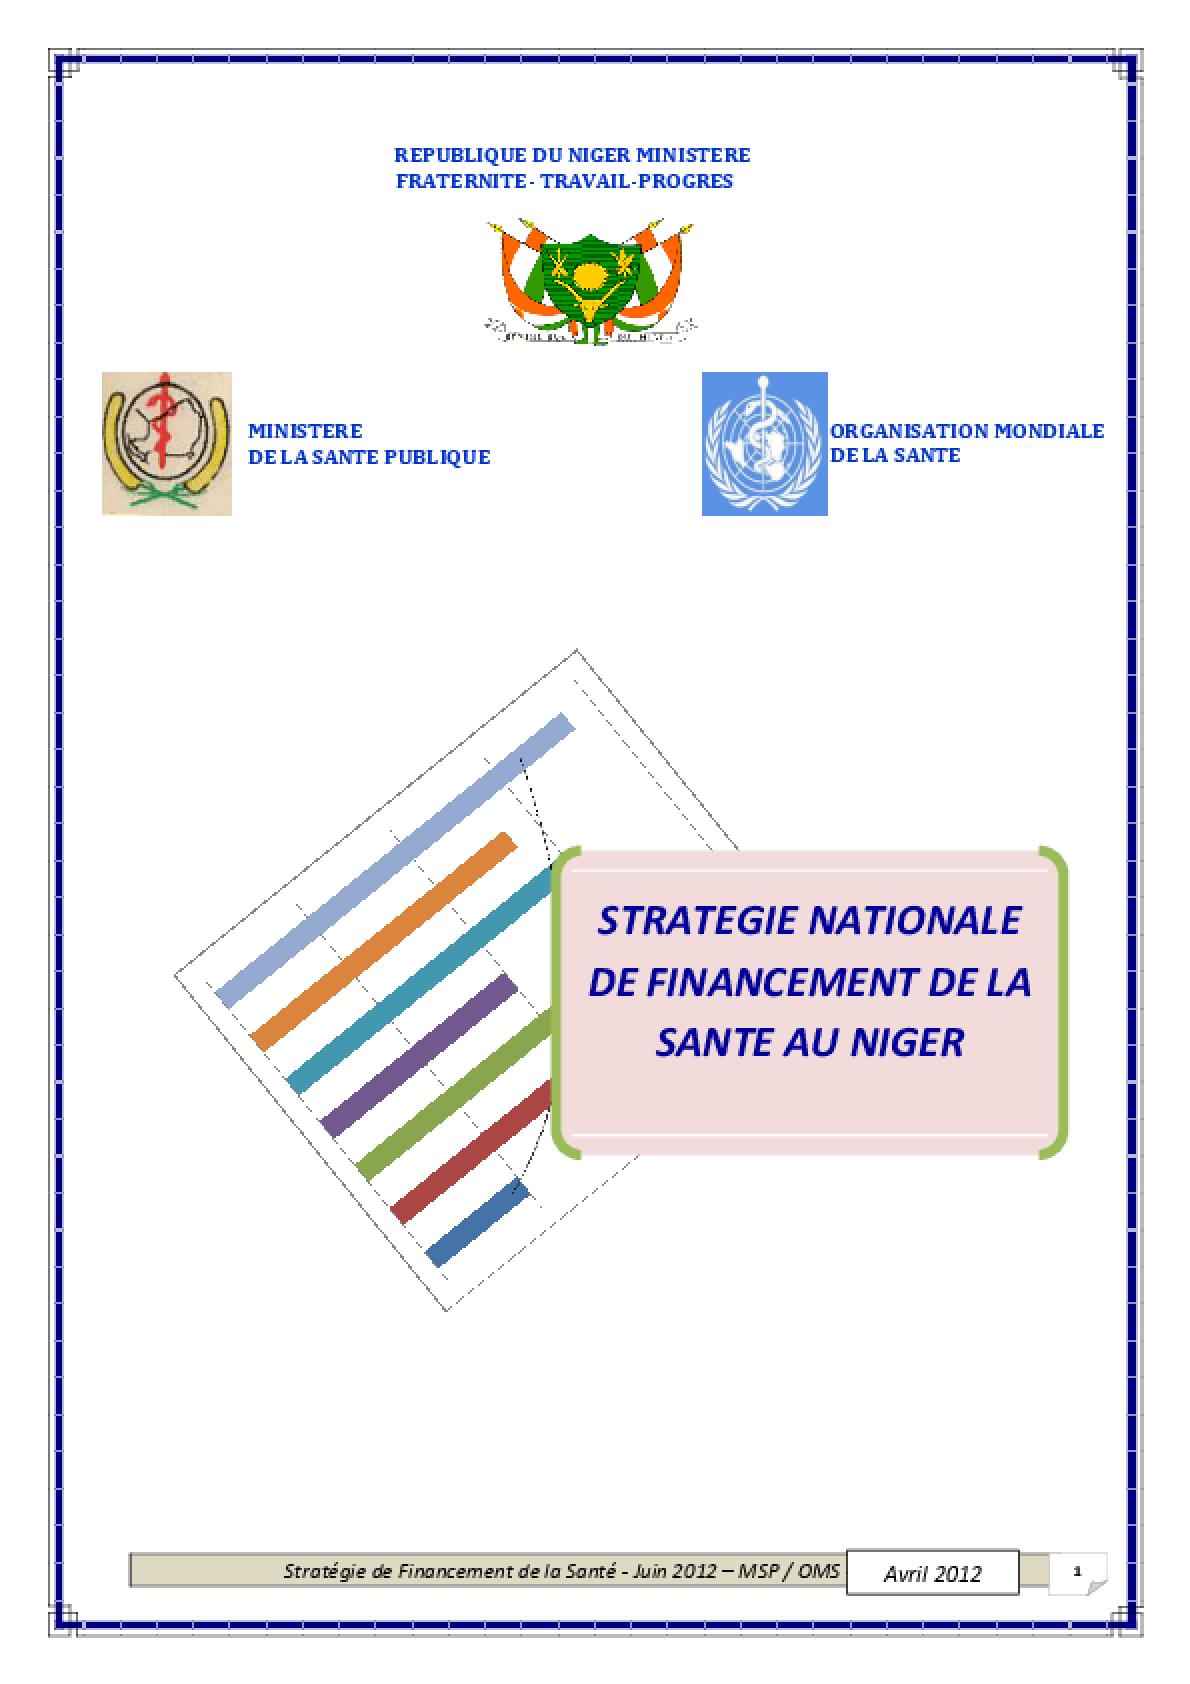 Stratégie Nationale de Financement de la Sante au Niger